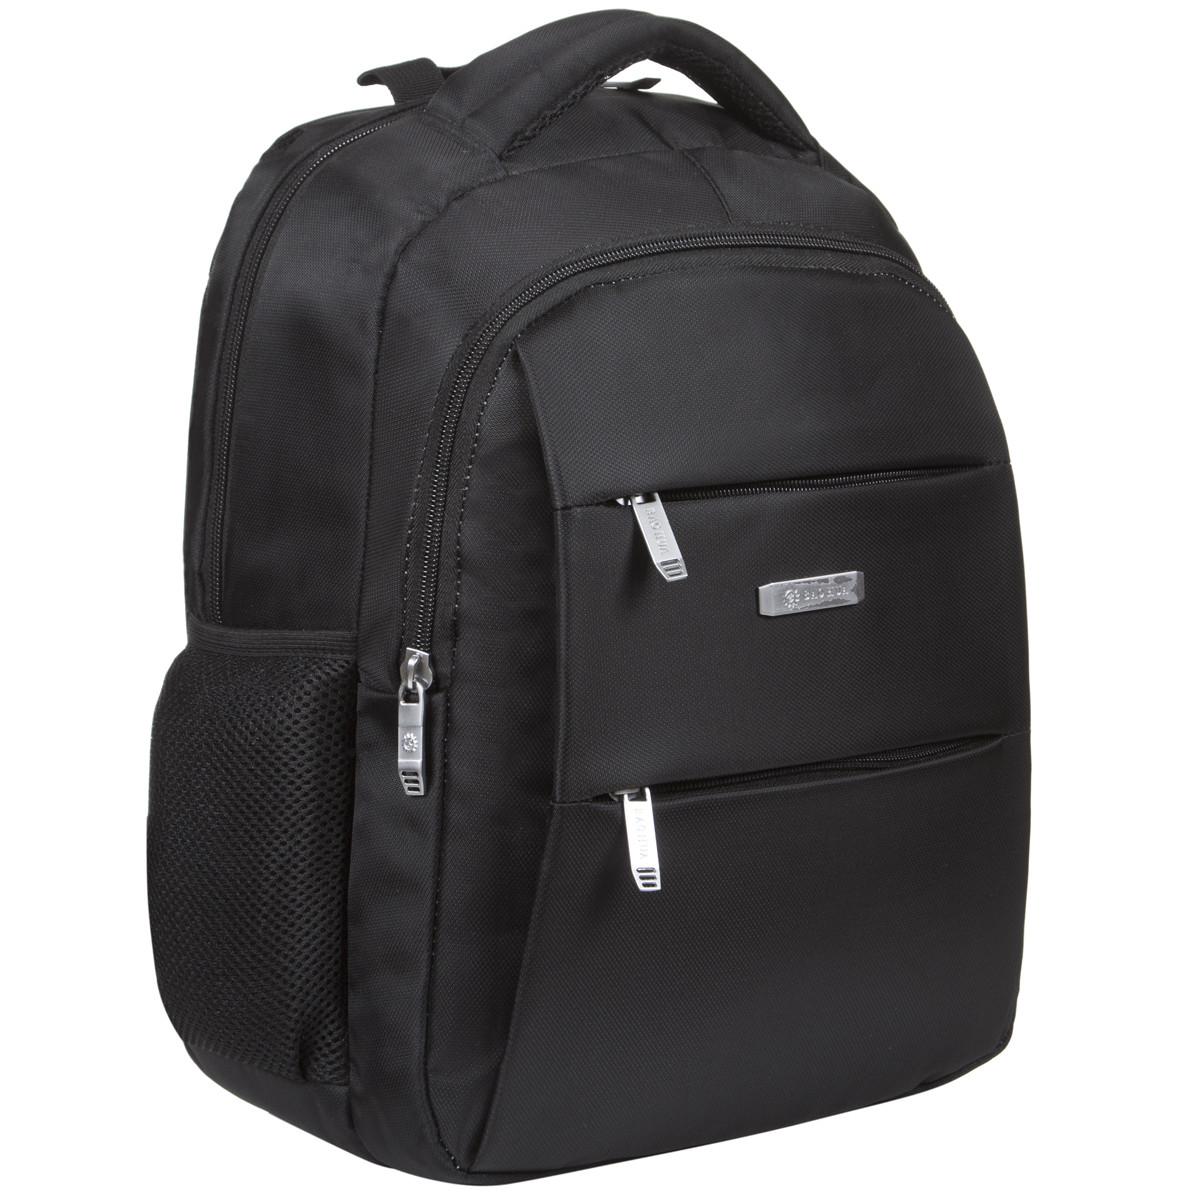 Рюкзак міський BAOHUA 39х30х16 тканина поліестер на ПВХ основі ксН7692ч